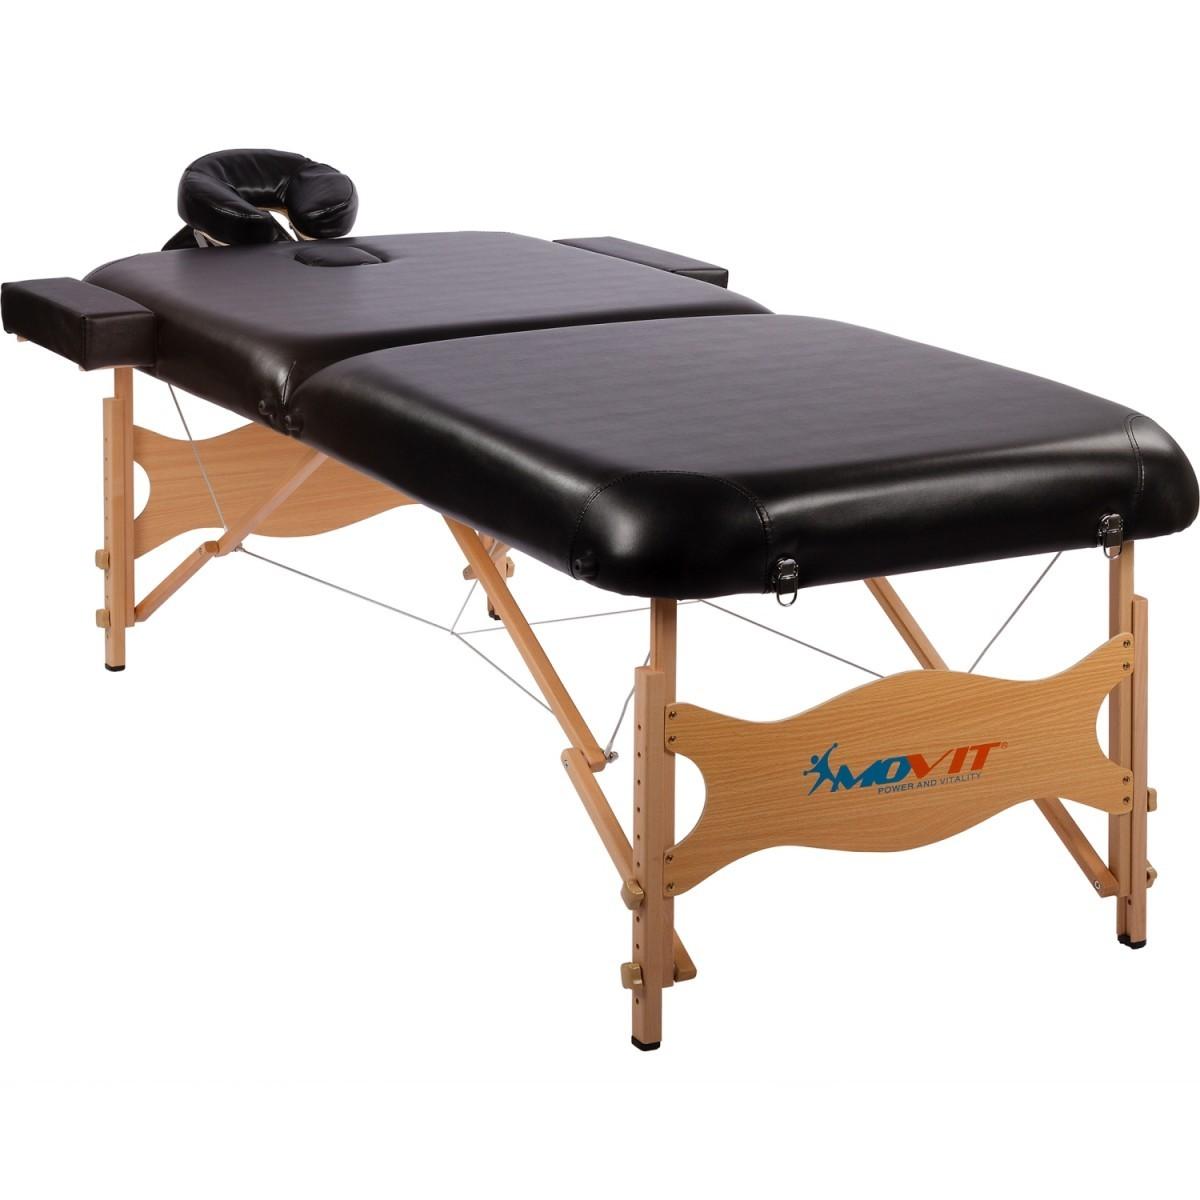 Přenosné masážní lehátko černé Deluxe MOVIT 185 x 80 cm MOVIT